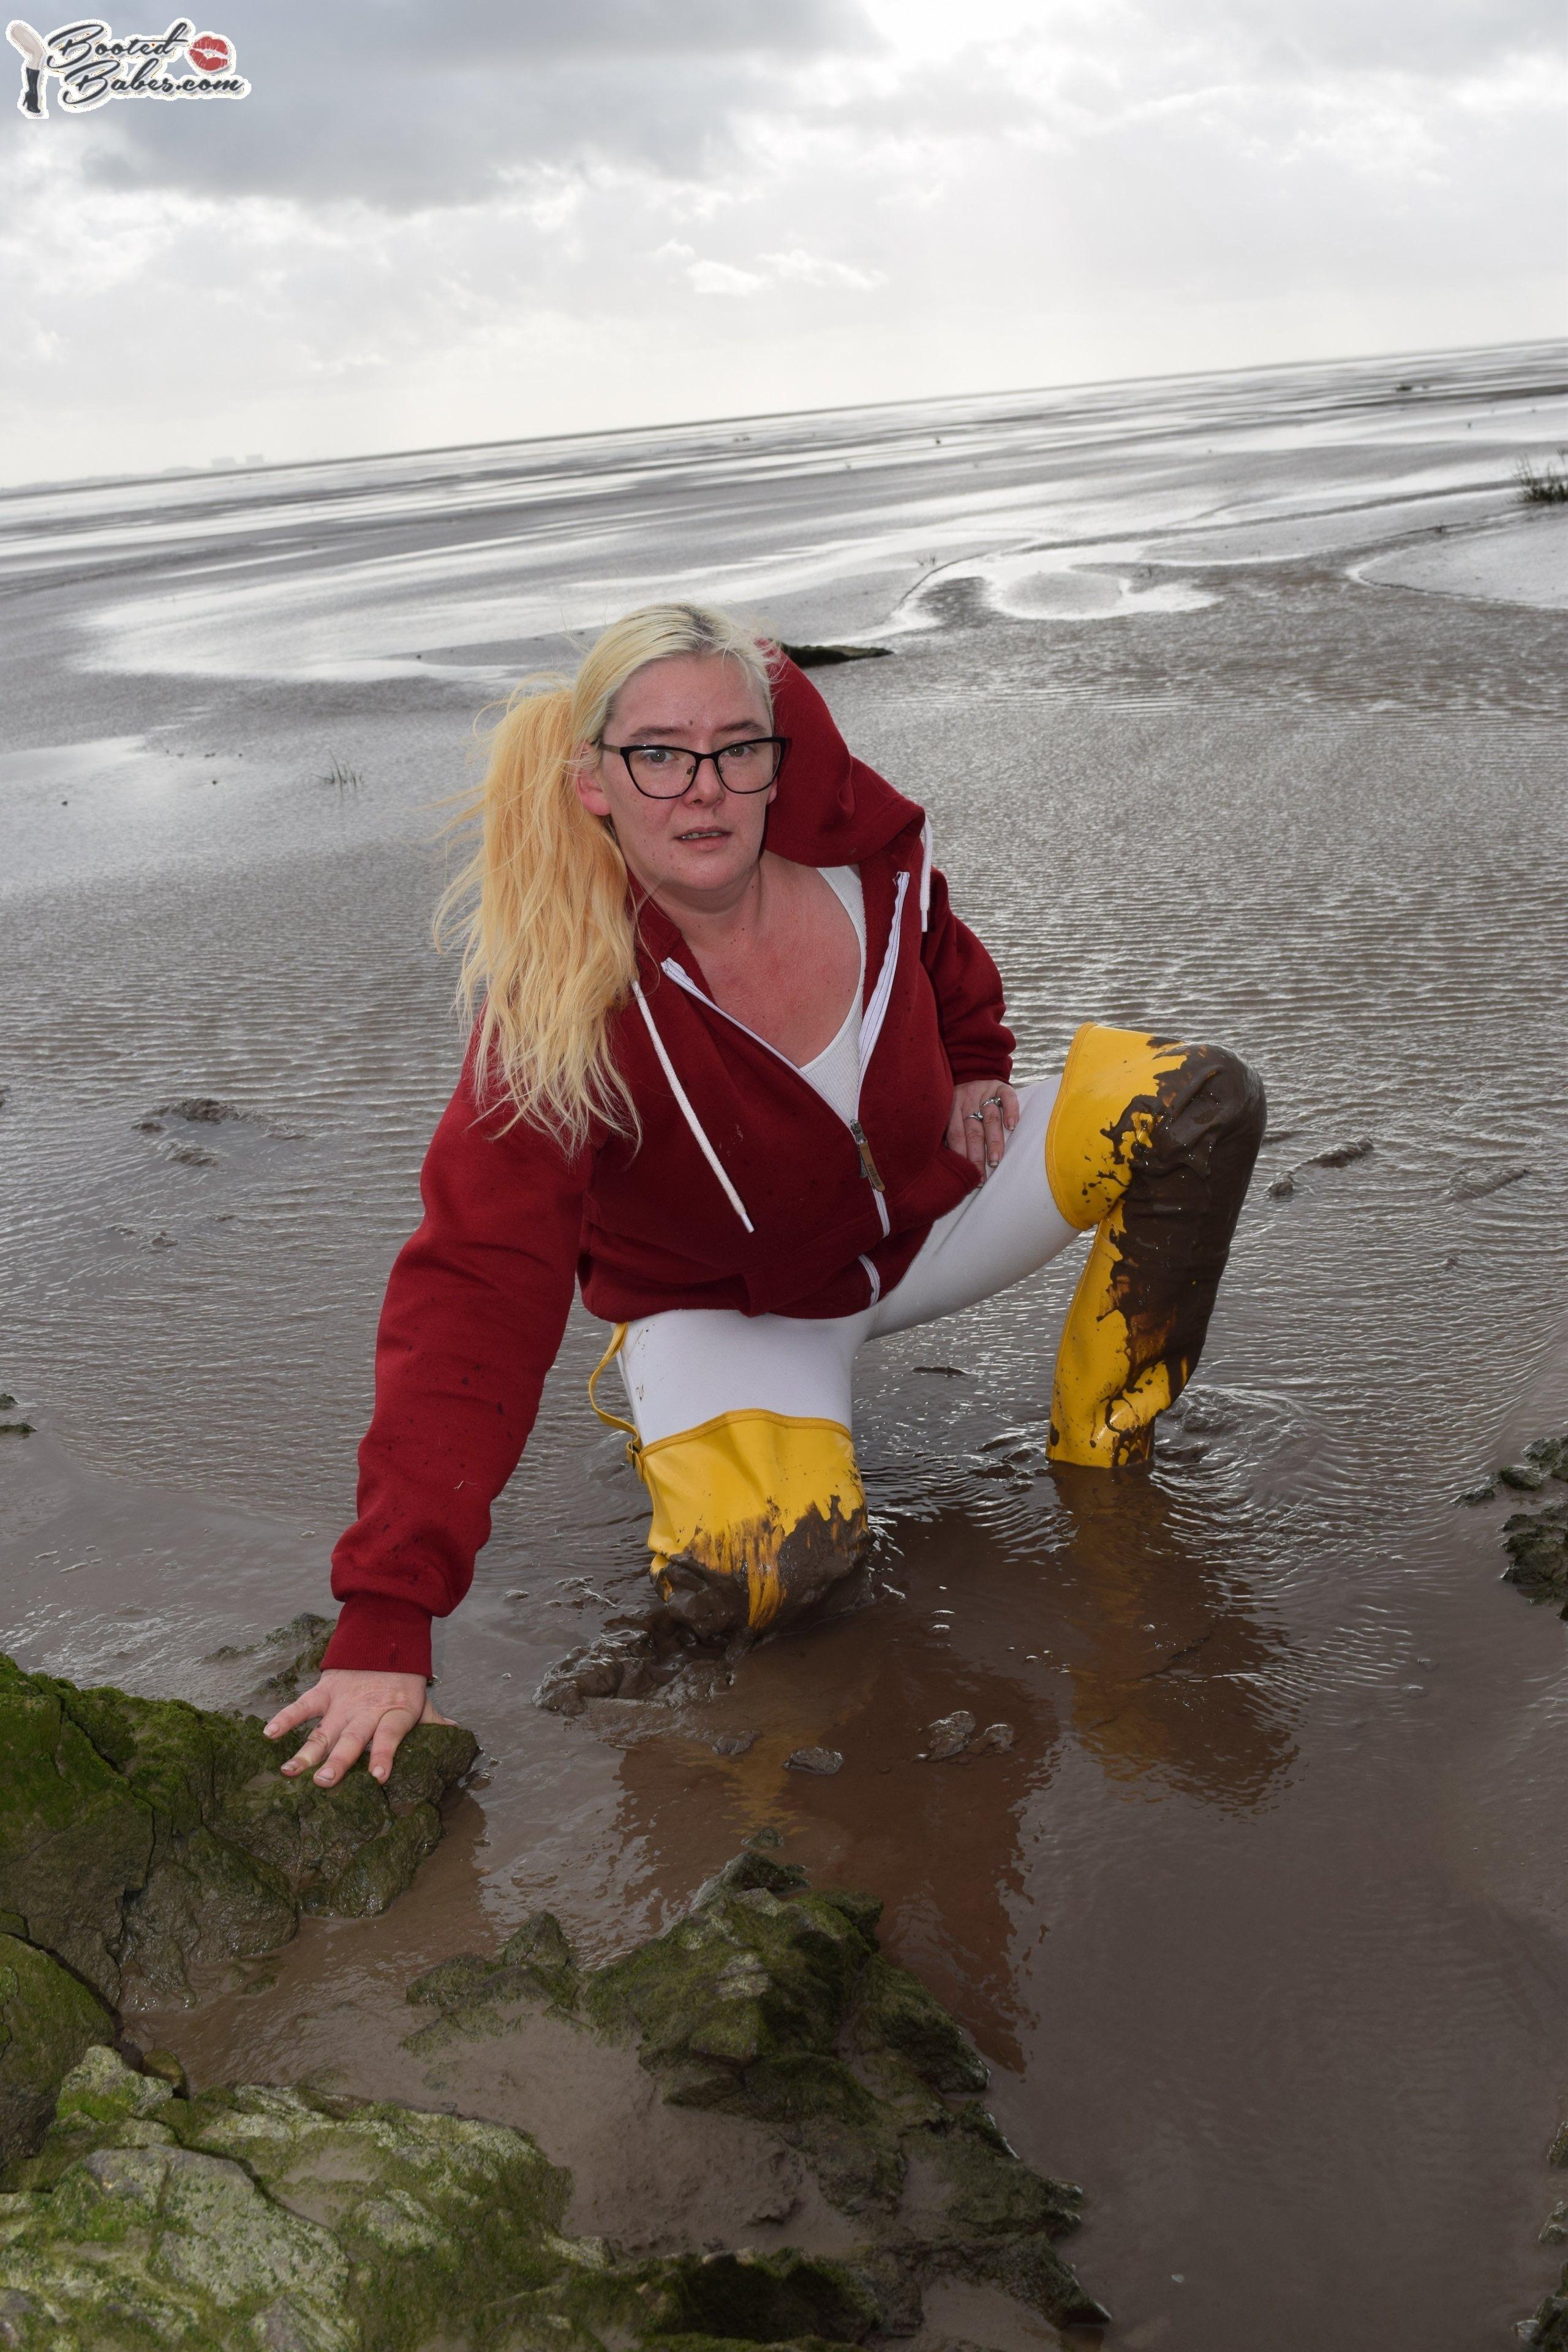 Рыбачки и просто девушки в болотниках. Ely--yellow-osten-waders-and-jodphurs-in_1